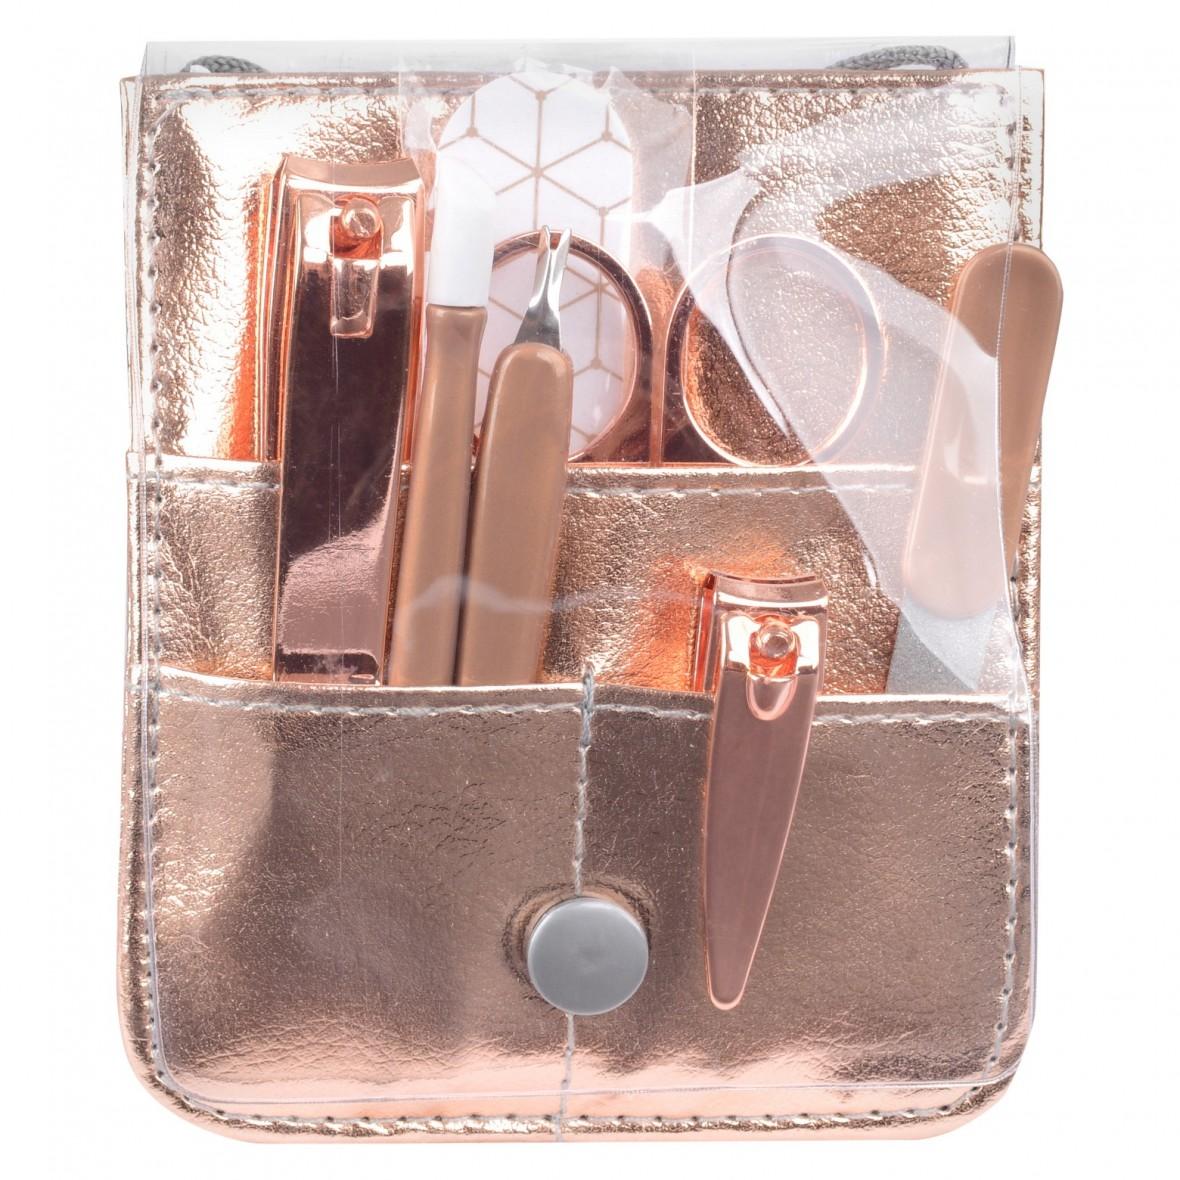 rose gold manicure set